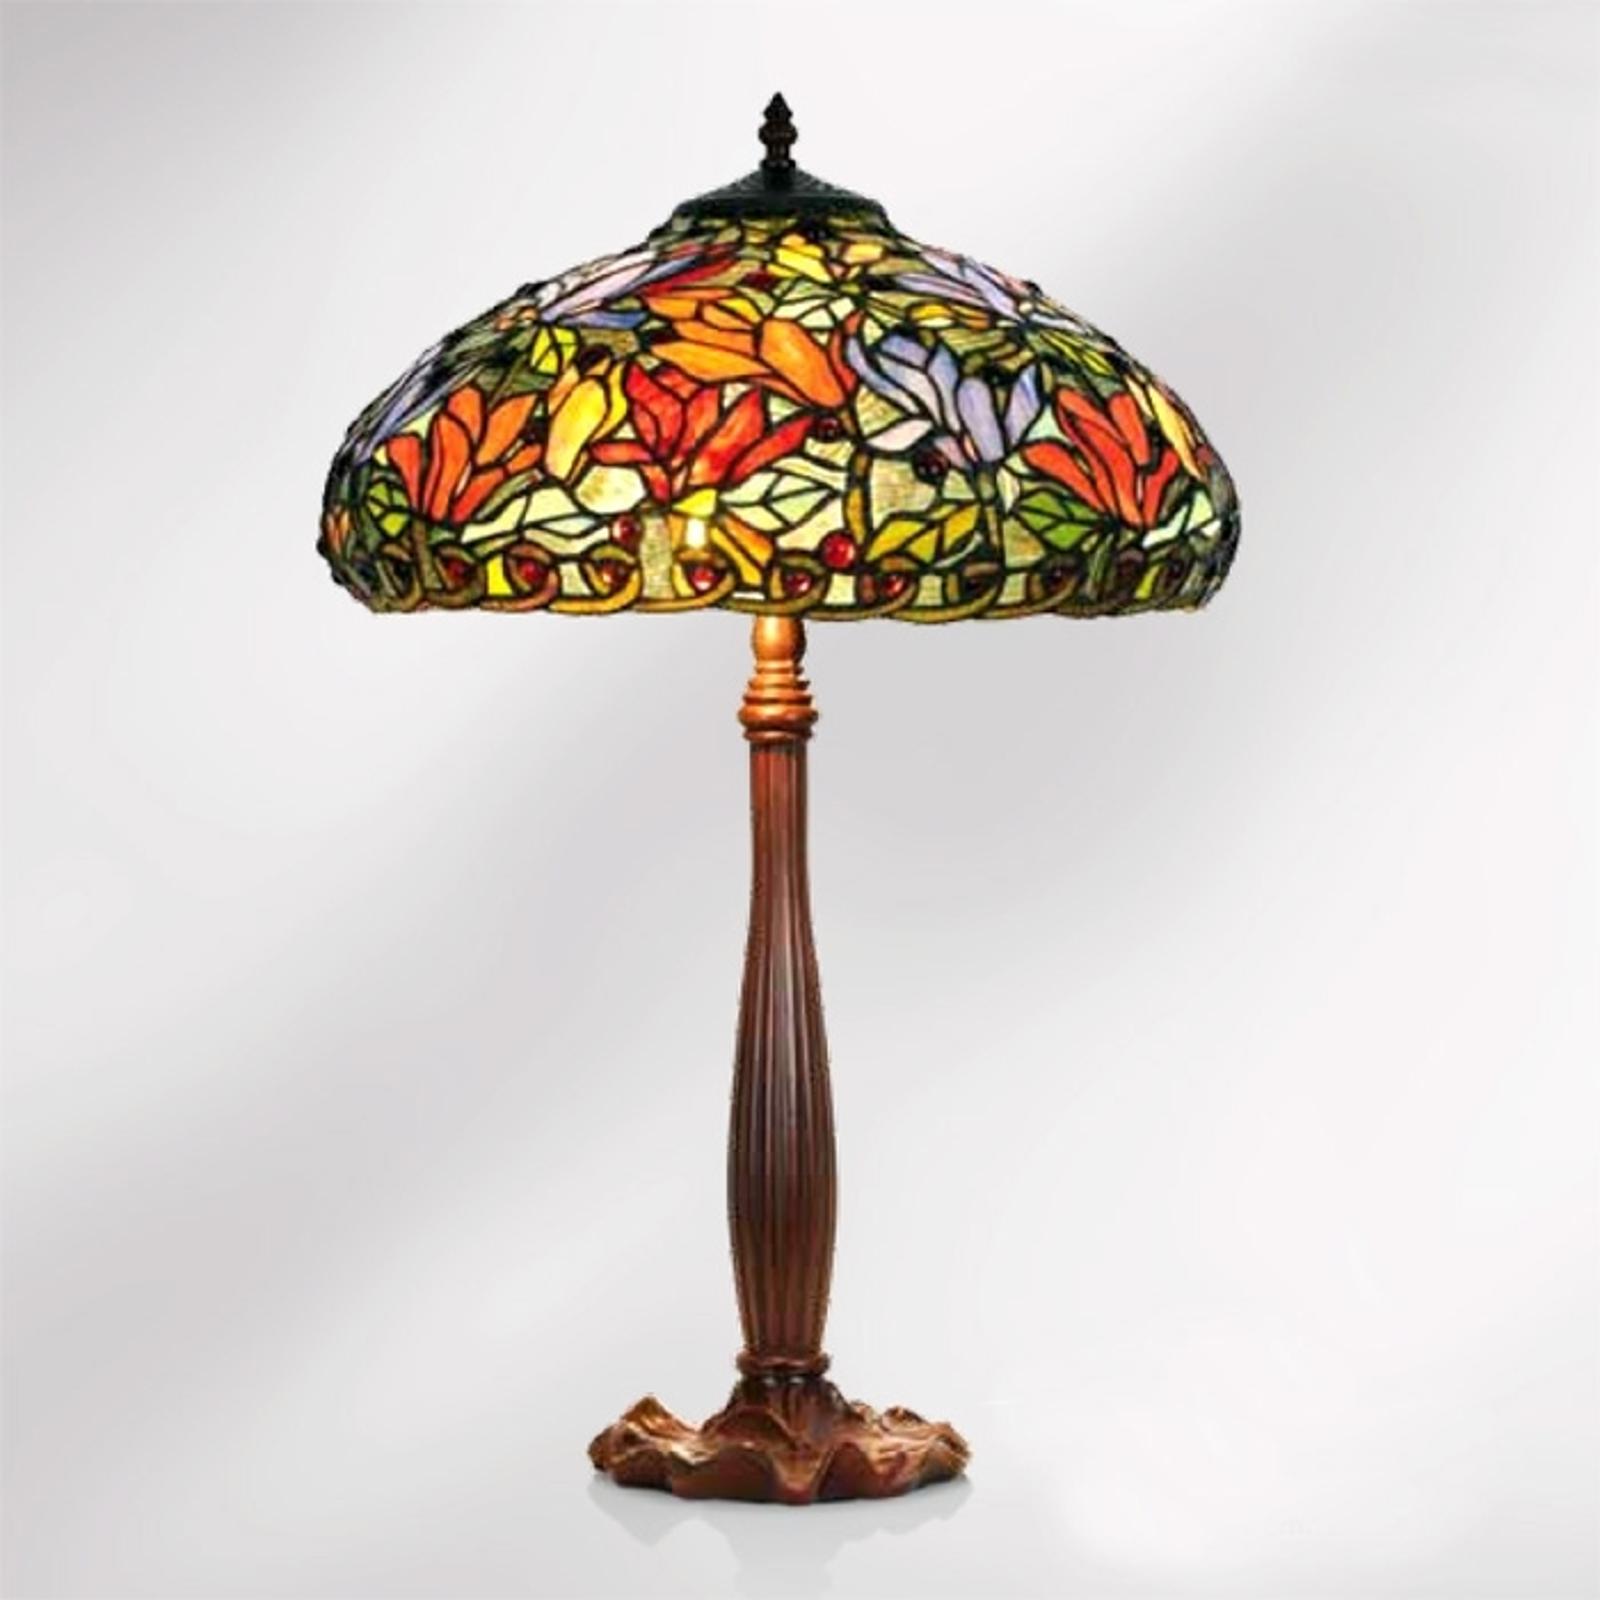 Kwiatowa lampa stołowa Elaine Tiffany 64 cm